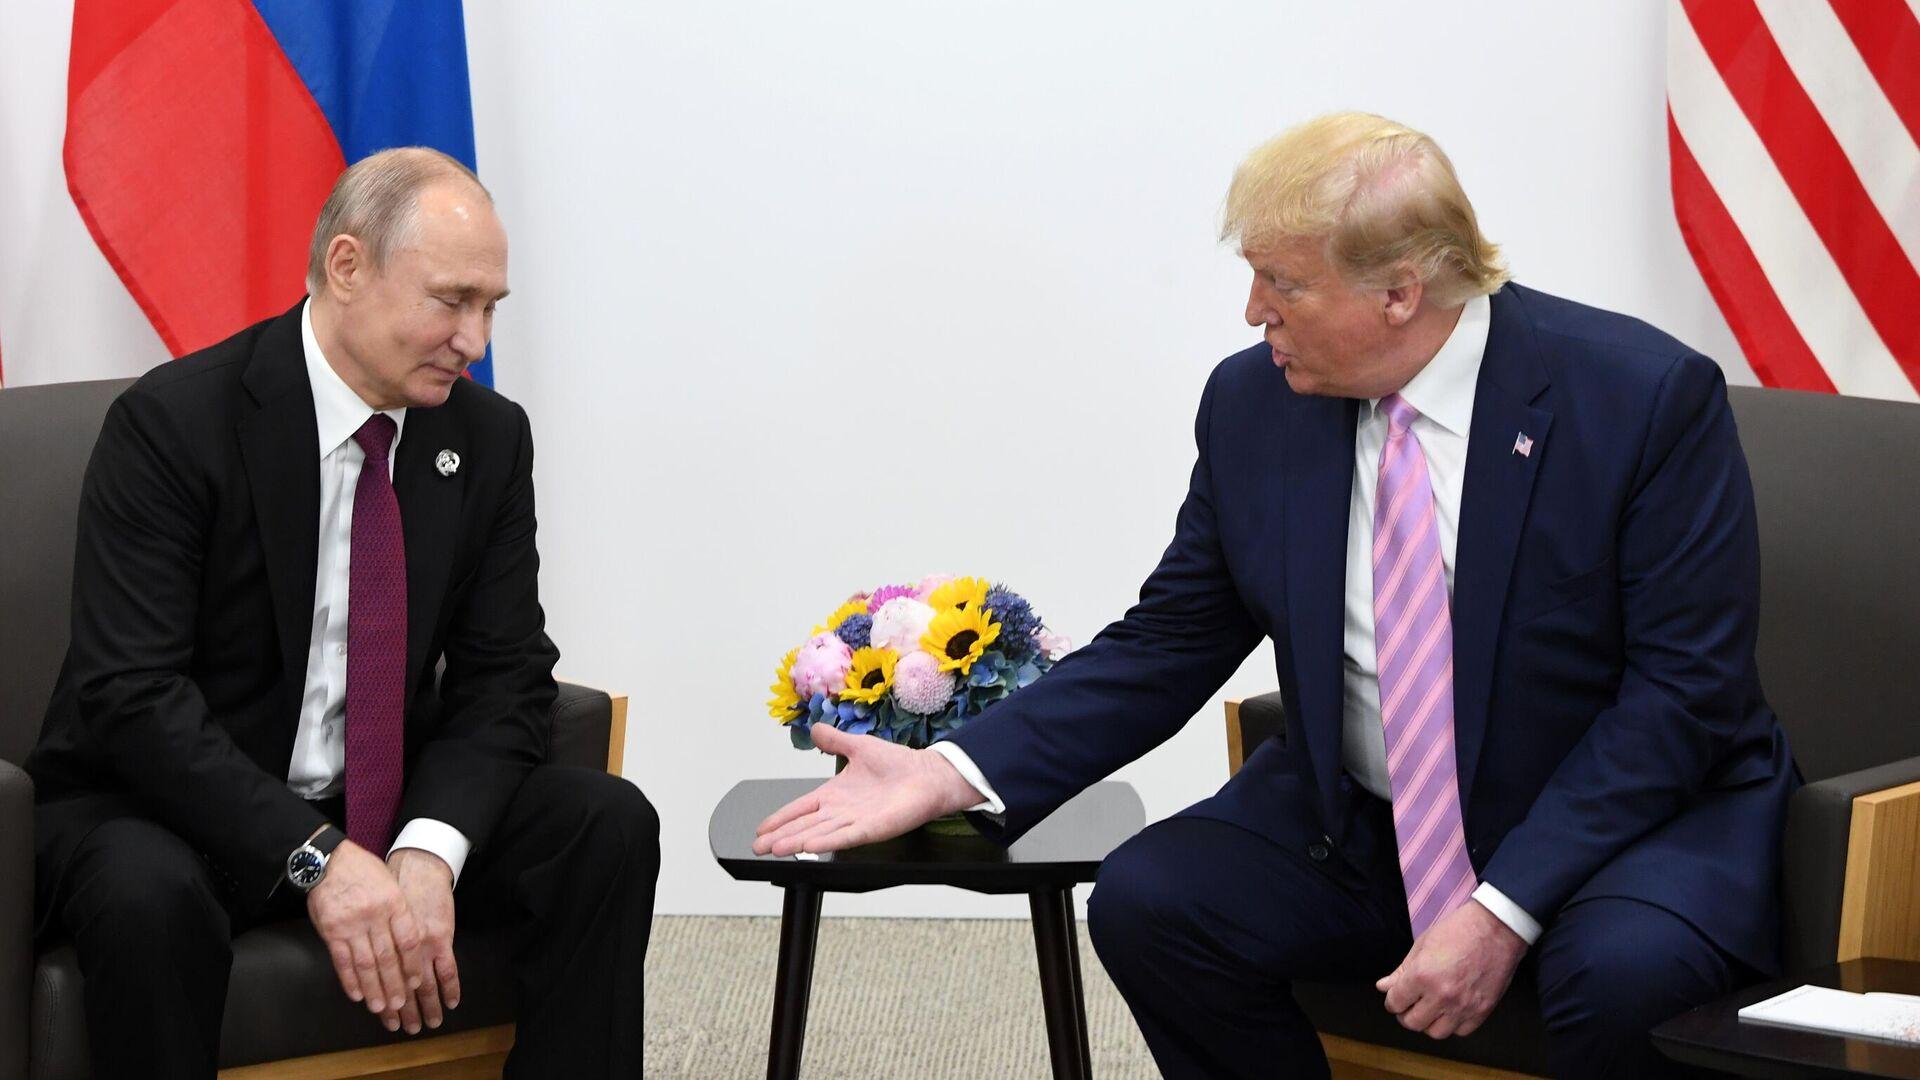 Президент РФ Владимир Путин и президент США Дональд Трамп (справа) во время встречи на полях саммита Группы двадцати в Осаке - РИА Новости, 1920, 13.10.2020